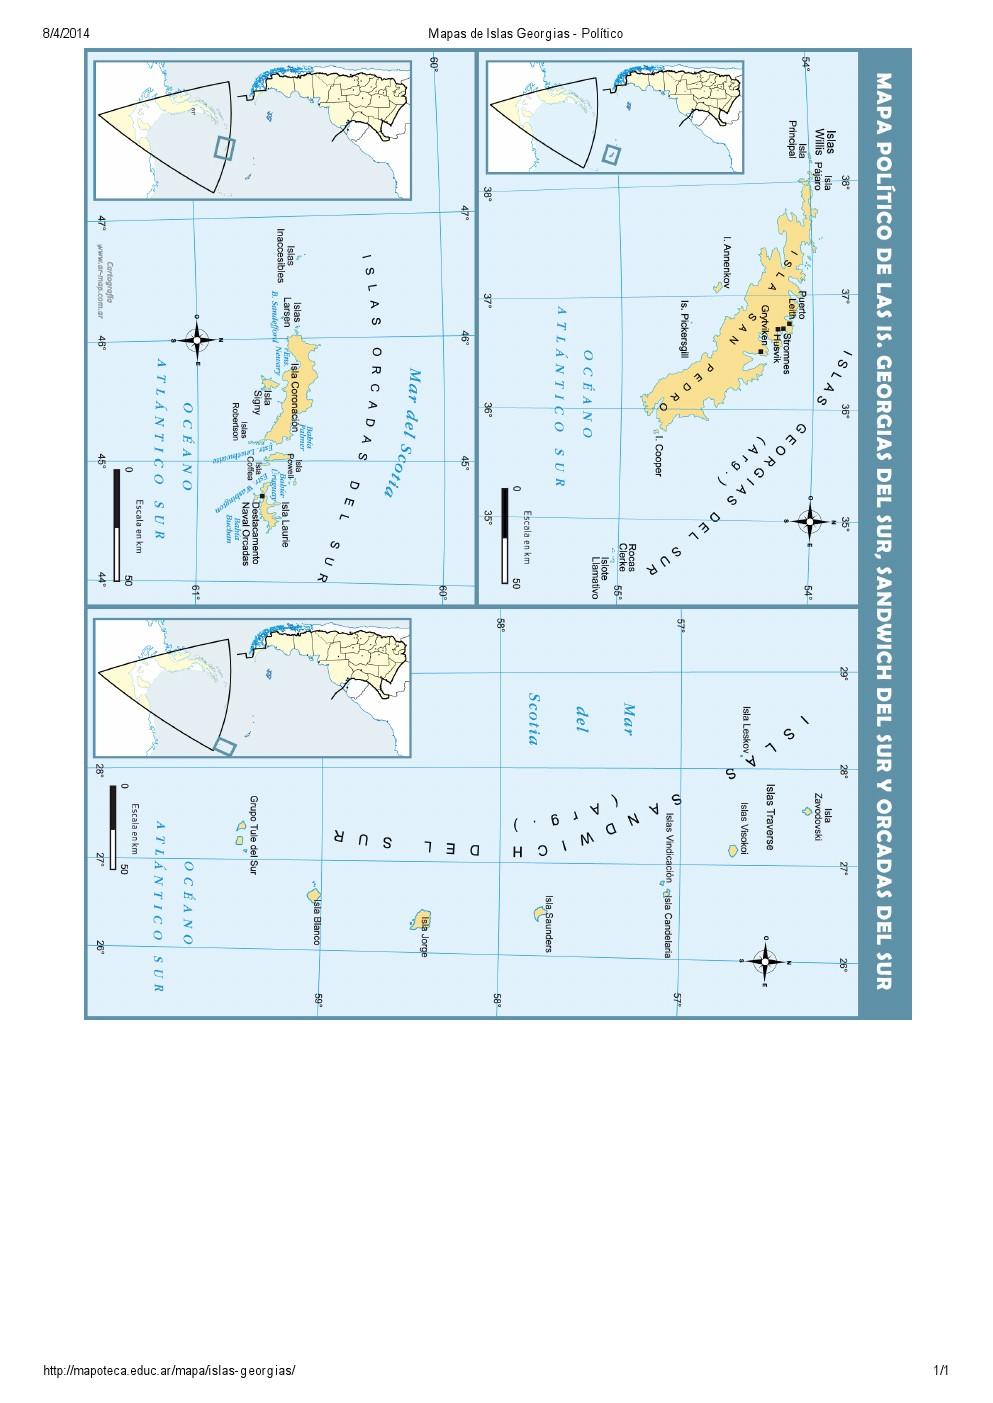 Mapa político de las Islas Georgias, Orcadas y Sandwich. Mapoteca de Educ.ar